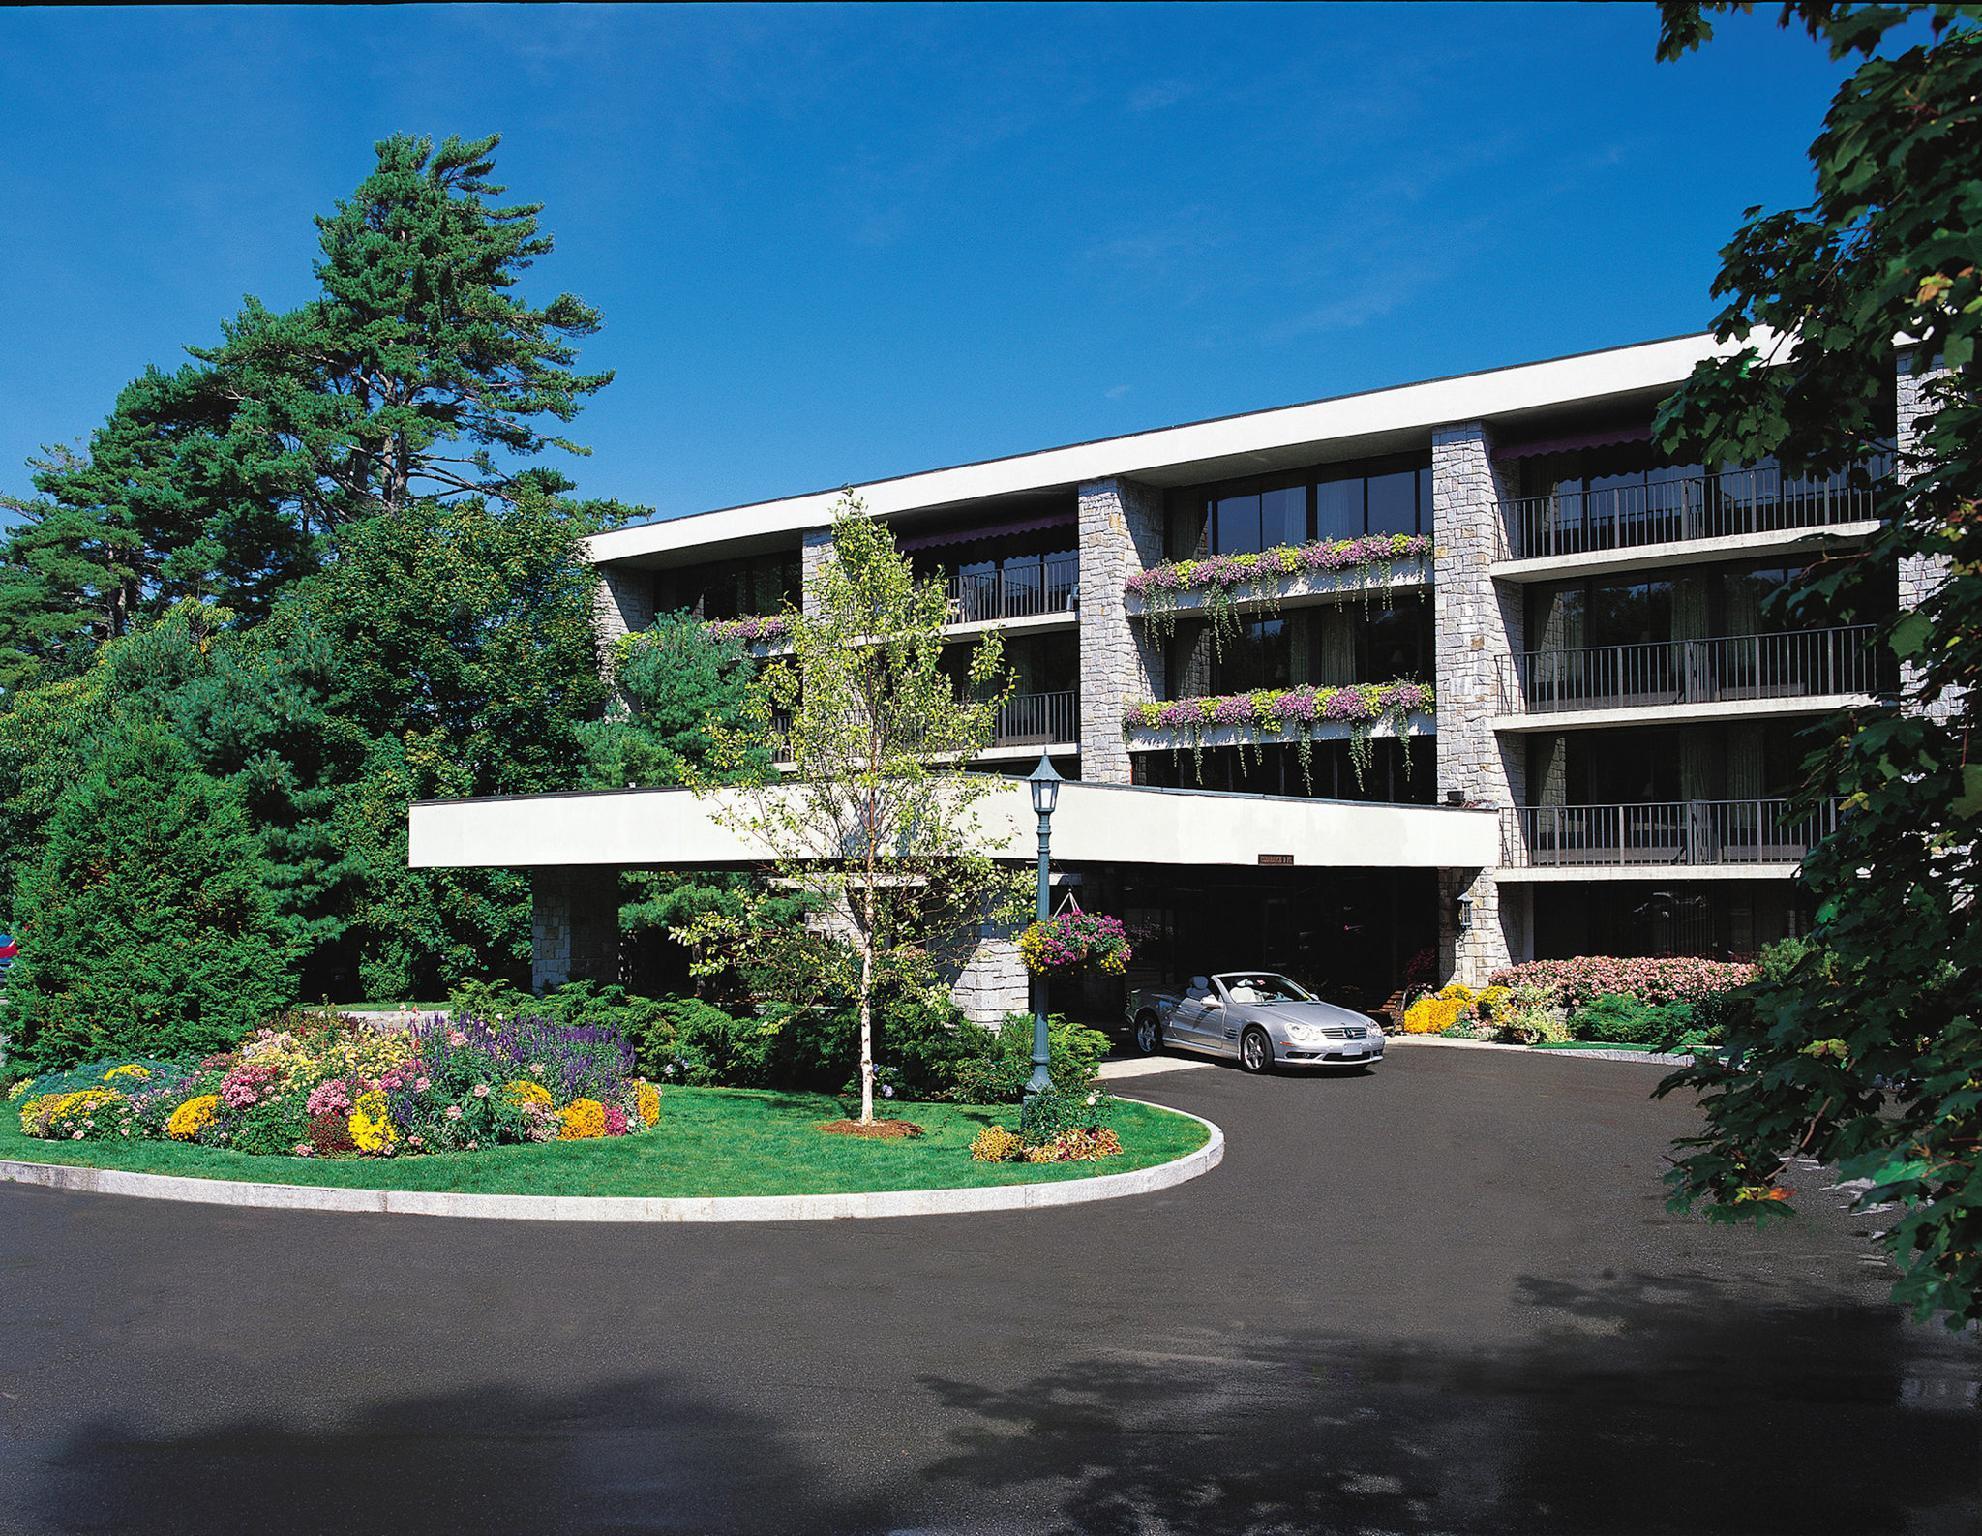 Holiday Inn Bar Harbor Regency Hotel image